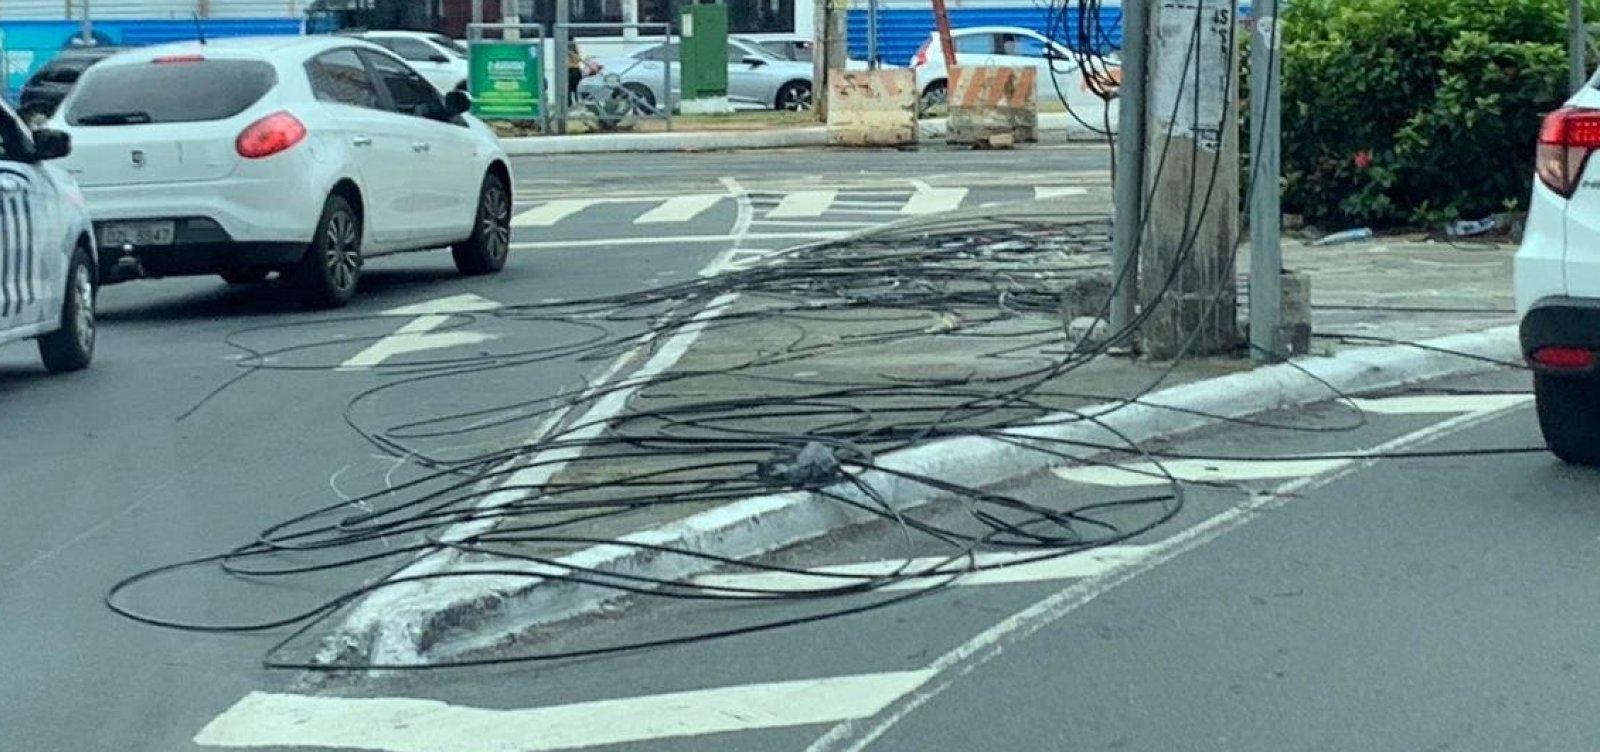 'Oi' faz bagunça na Avenida Paulo VI com troca de fios